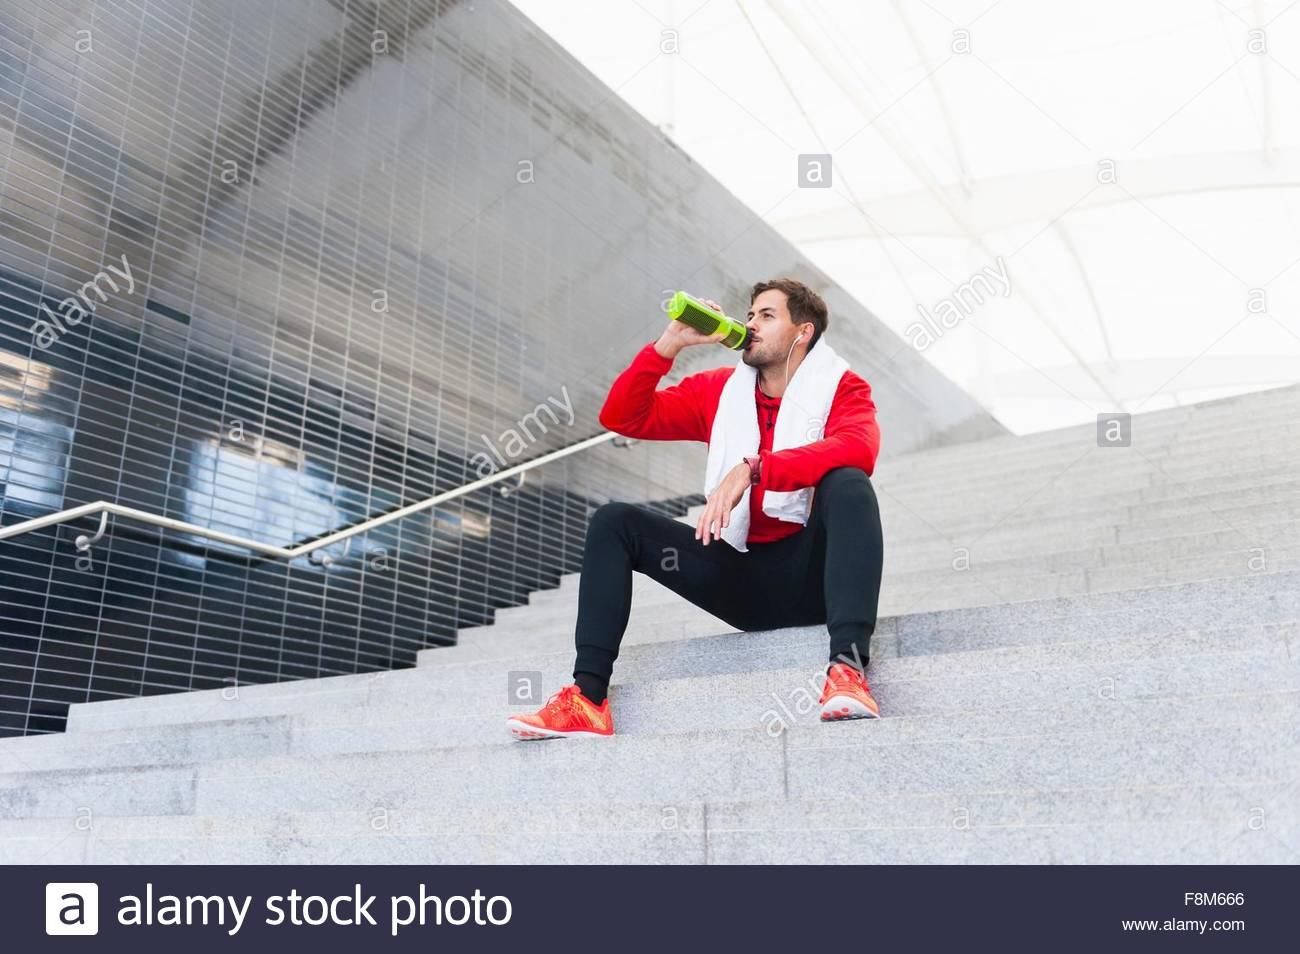 Macho joven corredor botella de agua potable en la ciudad escalera Imagen De Stock